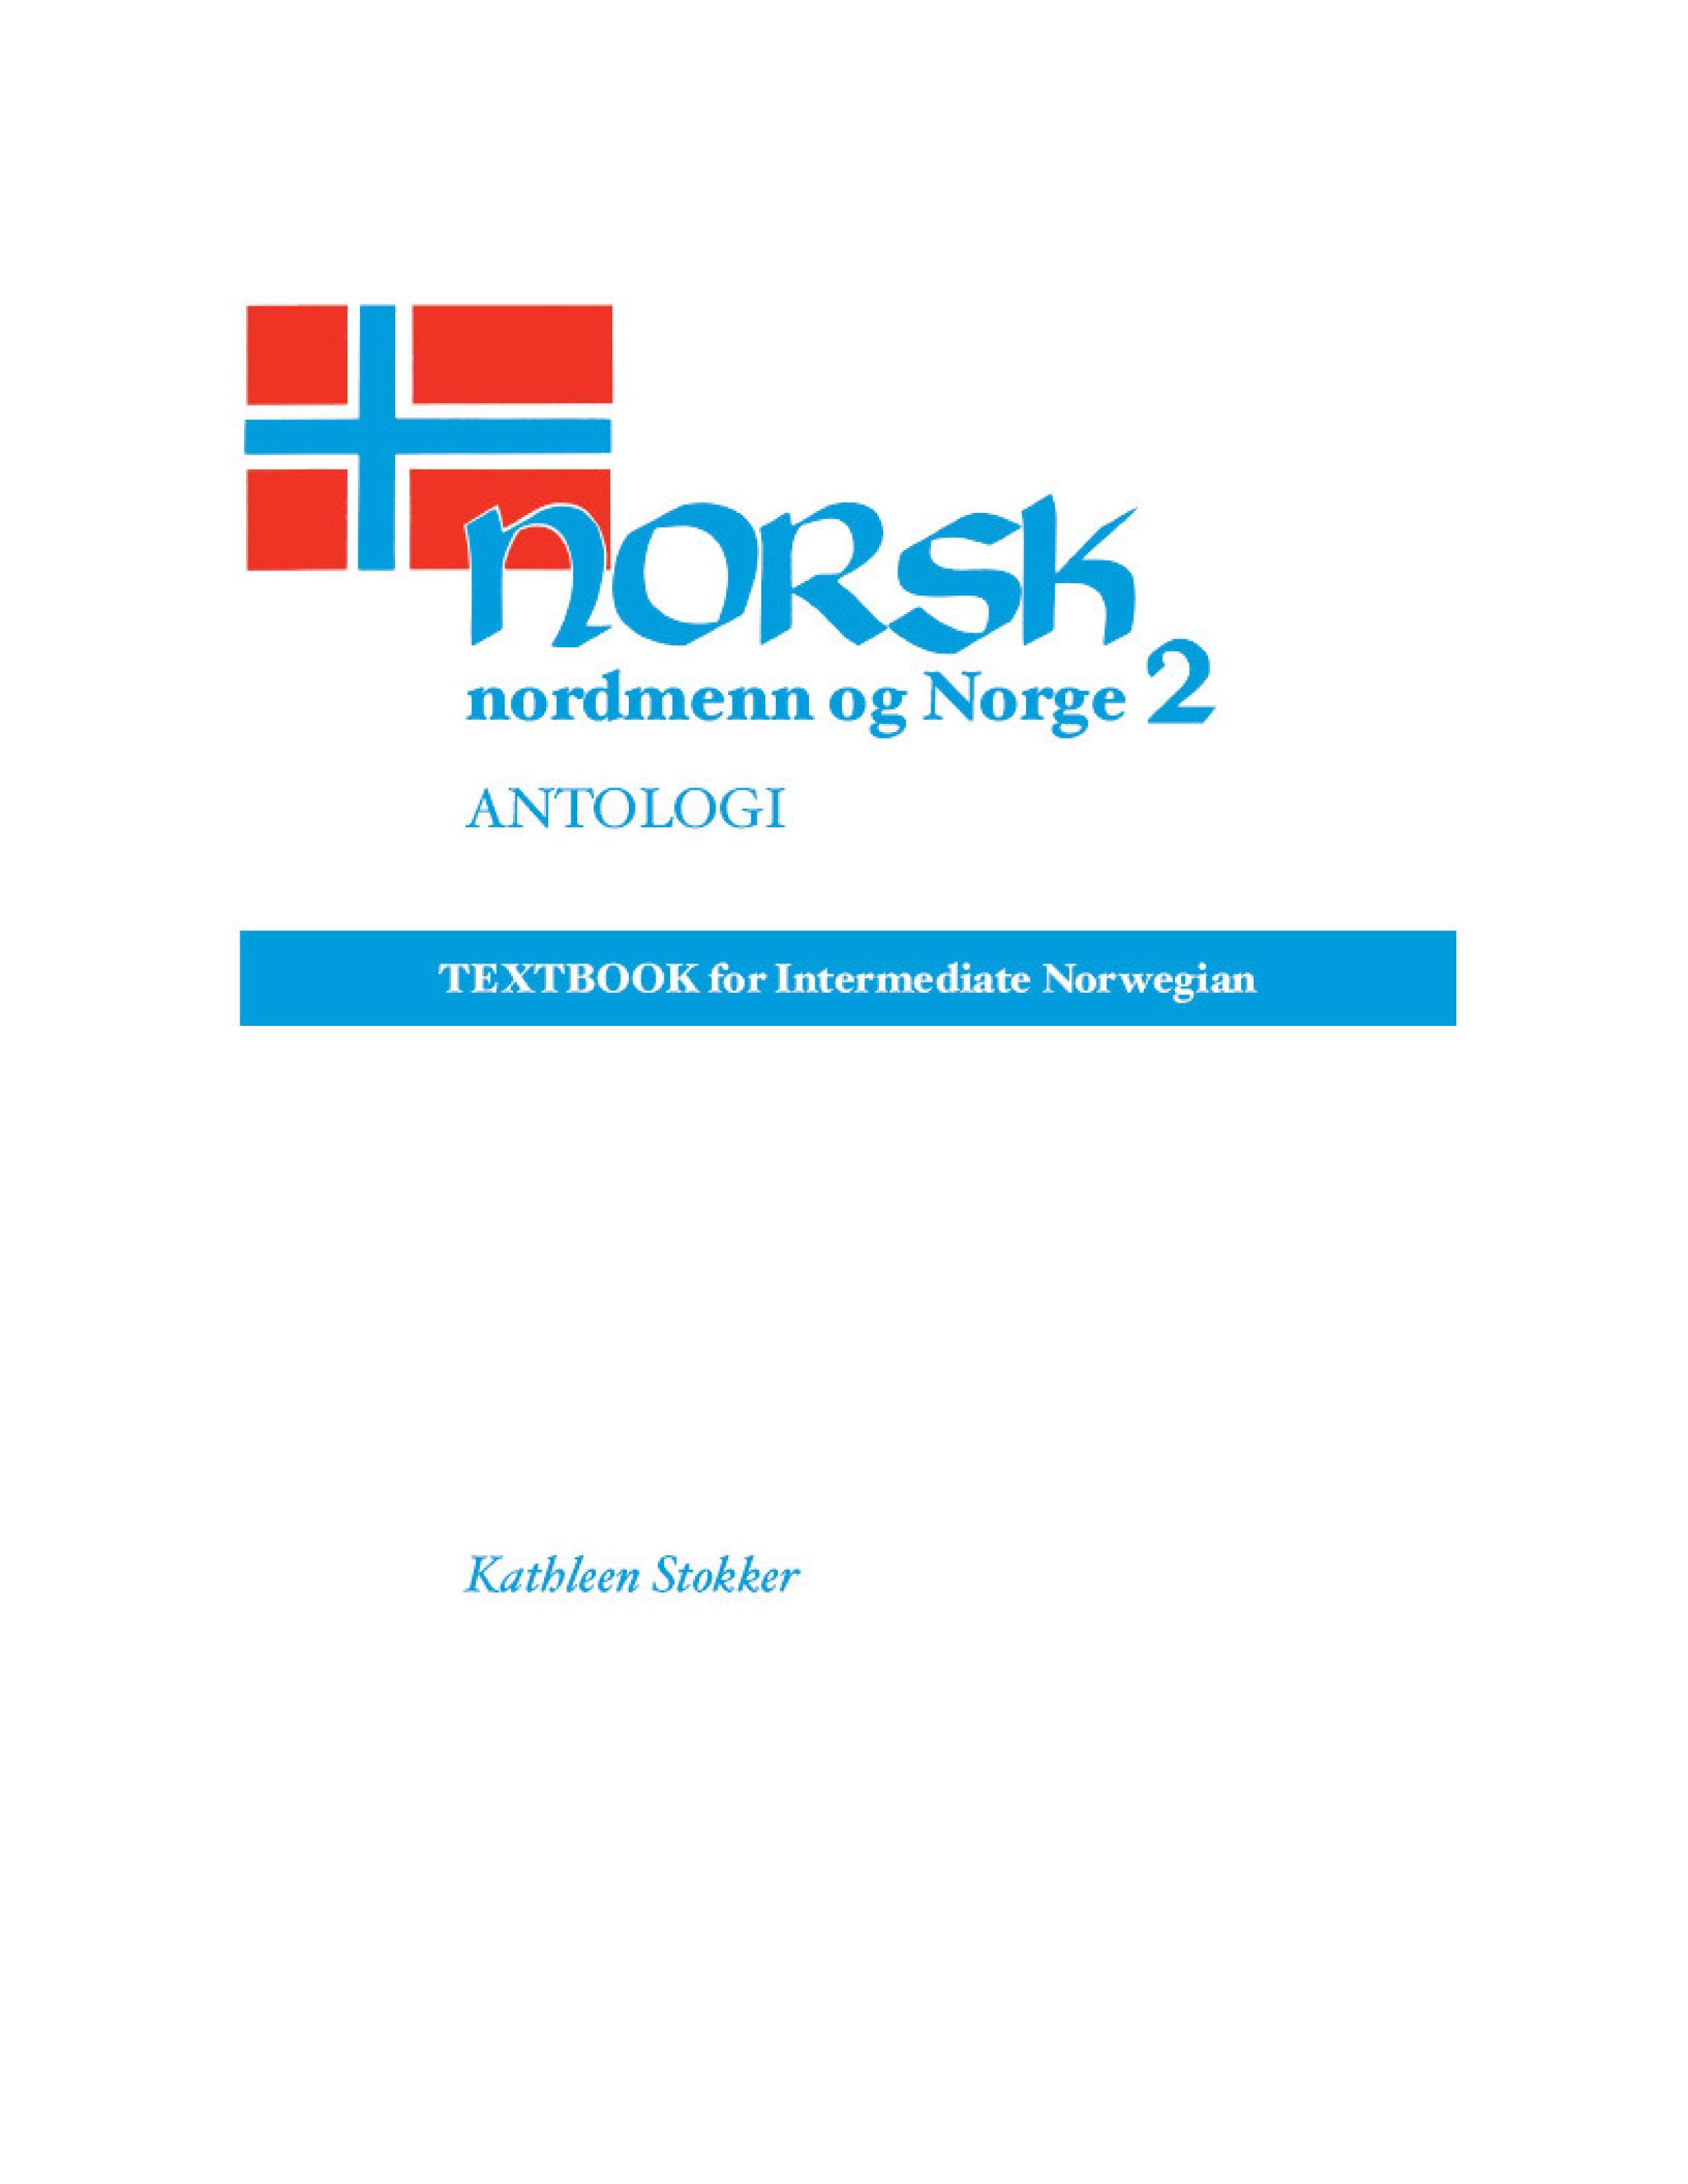 Norsk, nordmenn og Norge 2, Antologi: Textbook for Intermediate Norwegian EB9780299134532